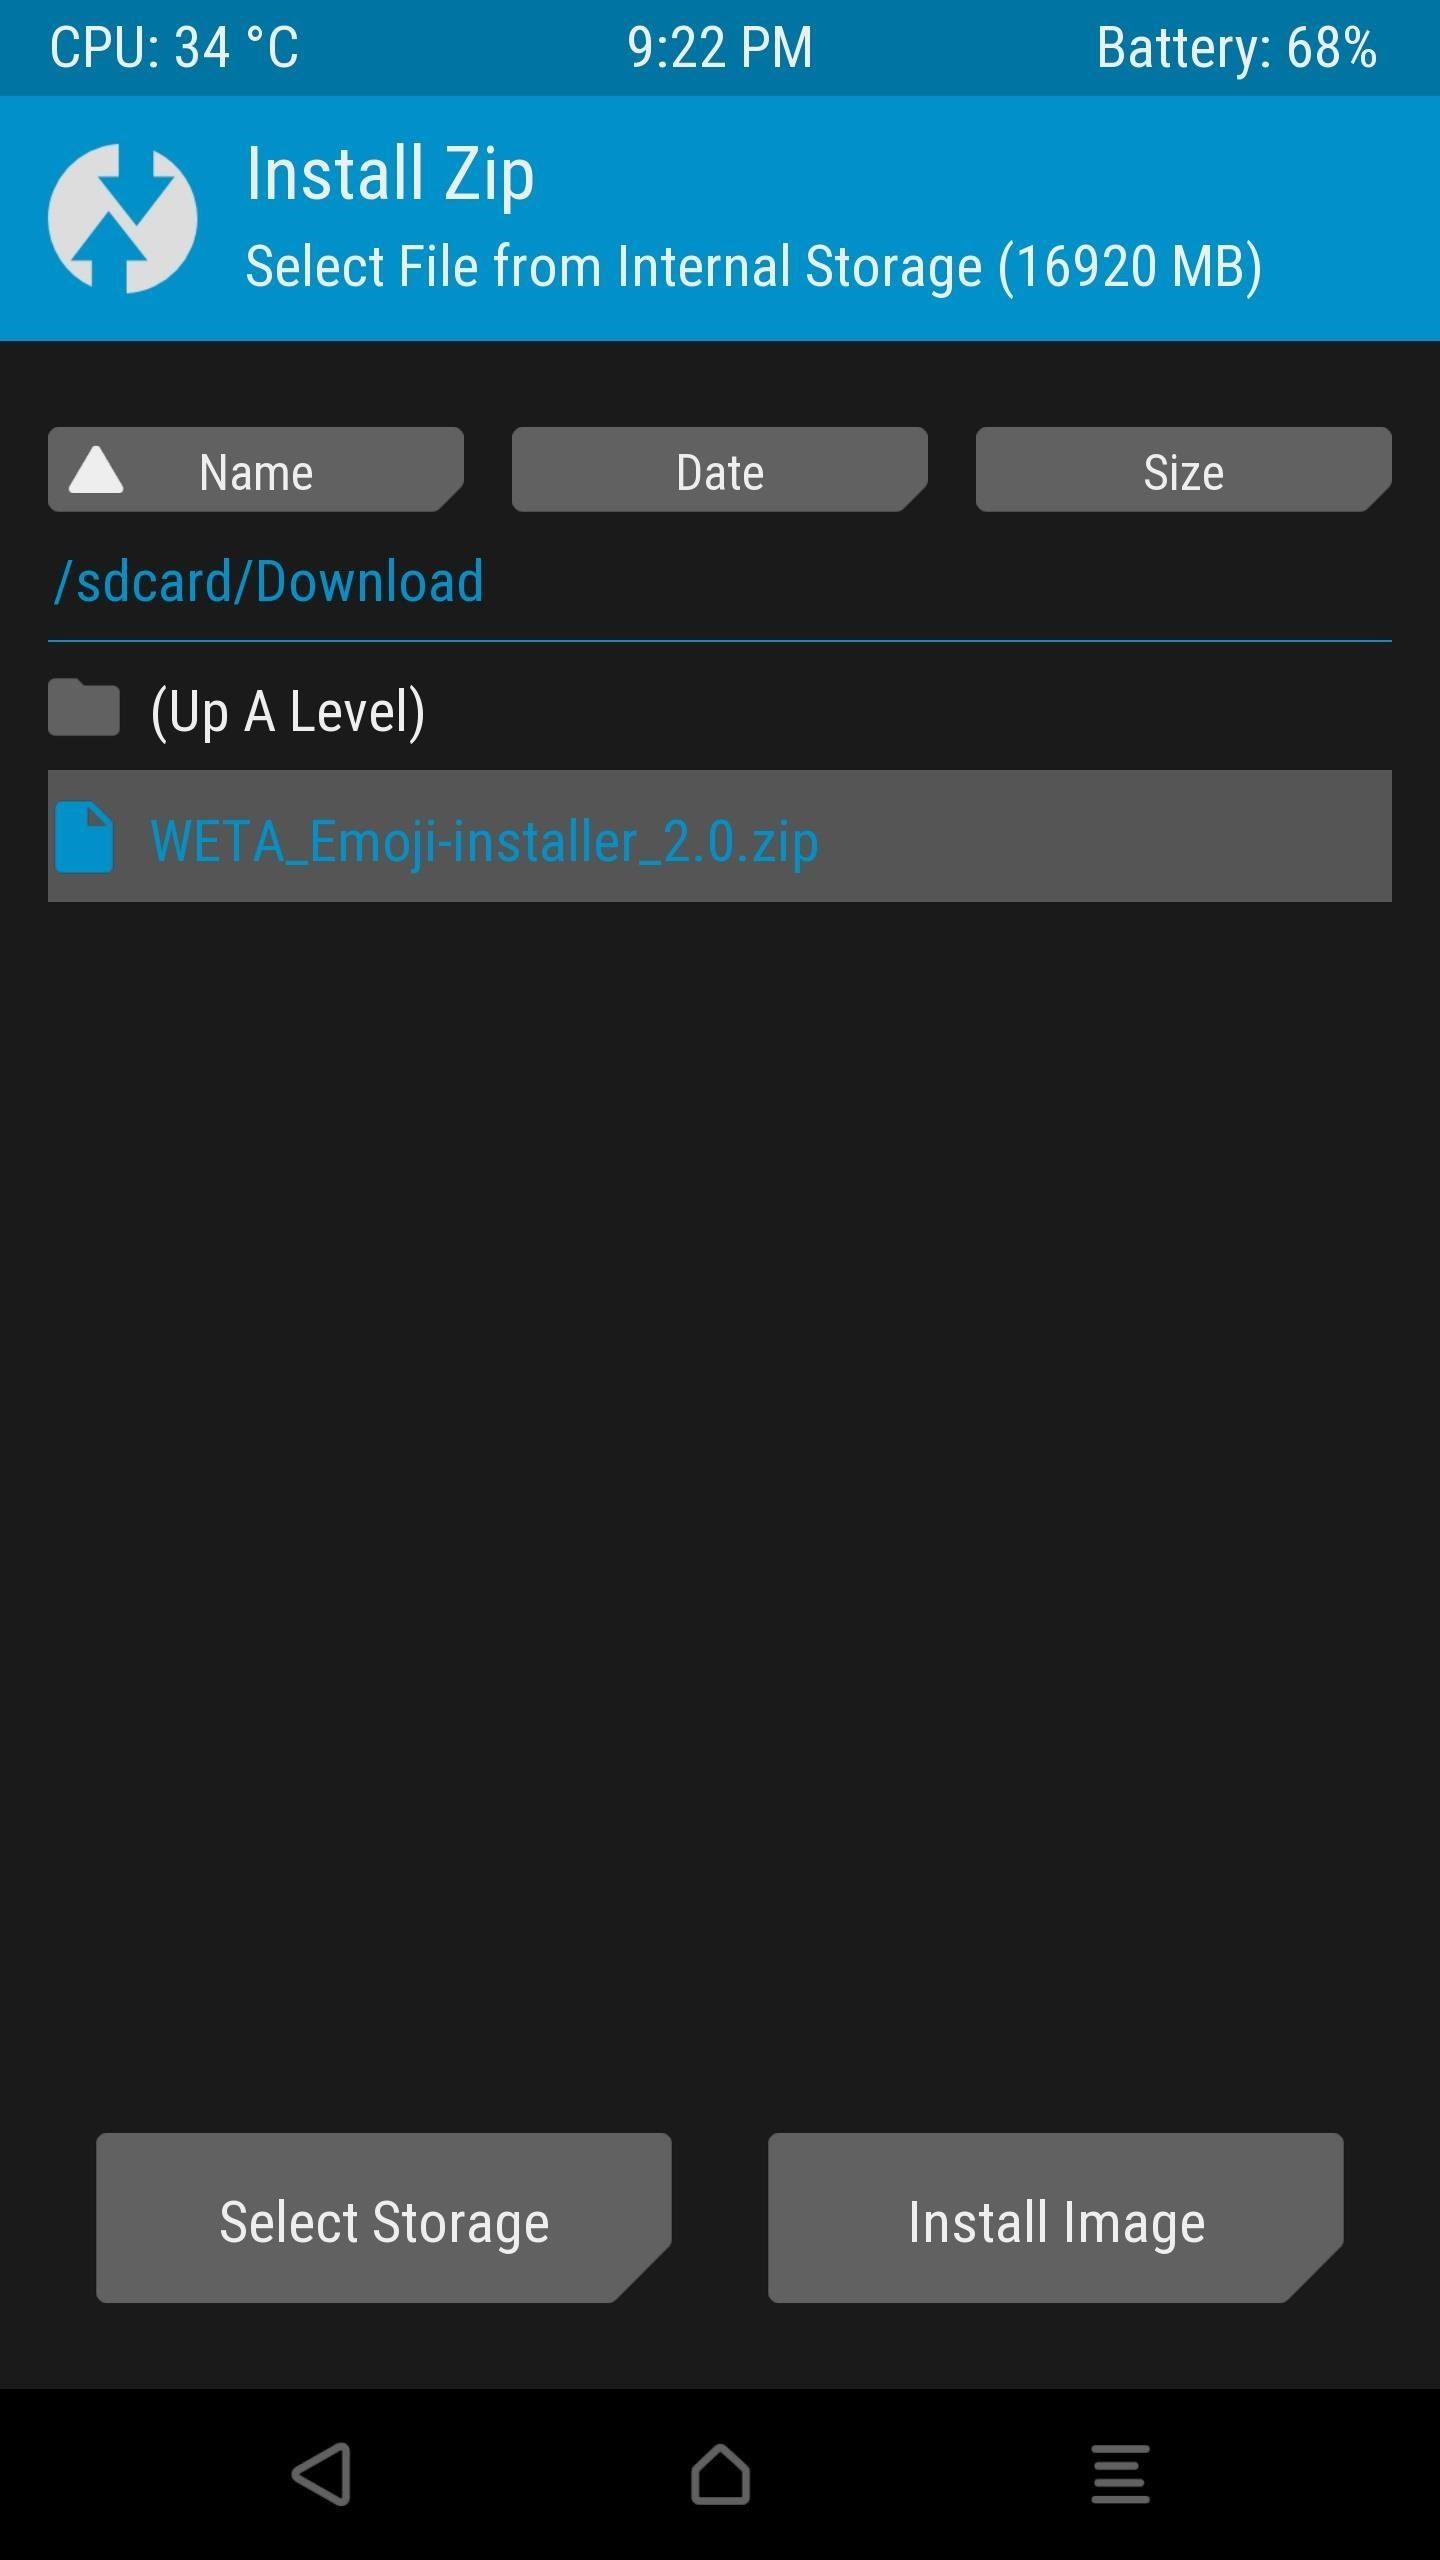 MODEM V101 FOR VIBEUI 1.5 ZIP 8 55 МБ СКАЧАТЬ БЕСПЛАТНО